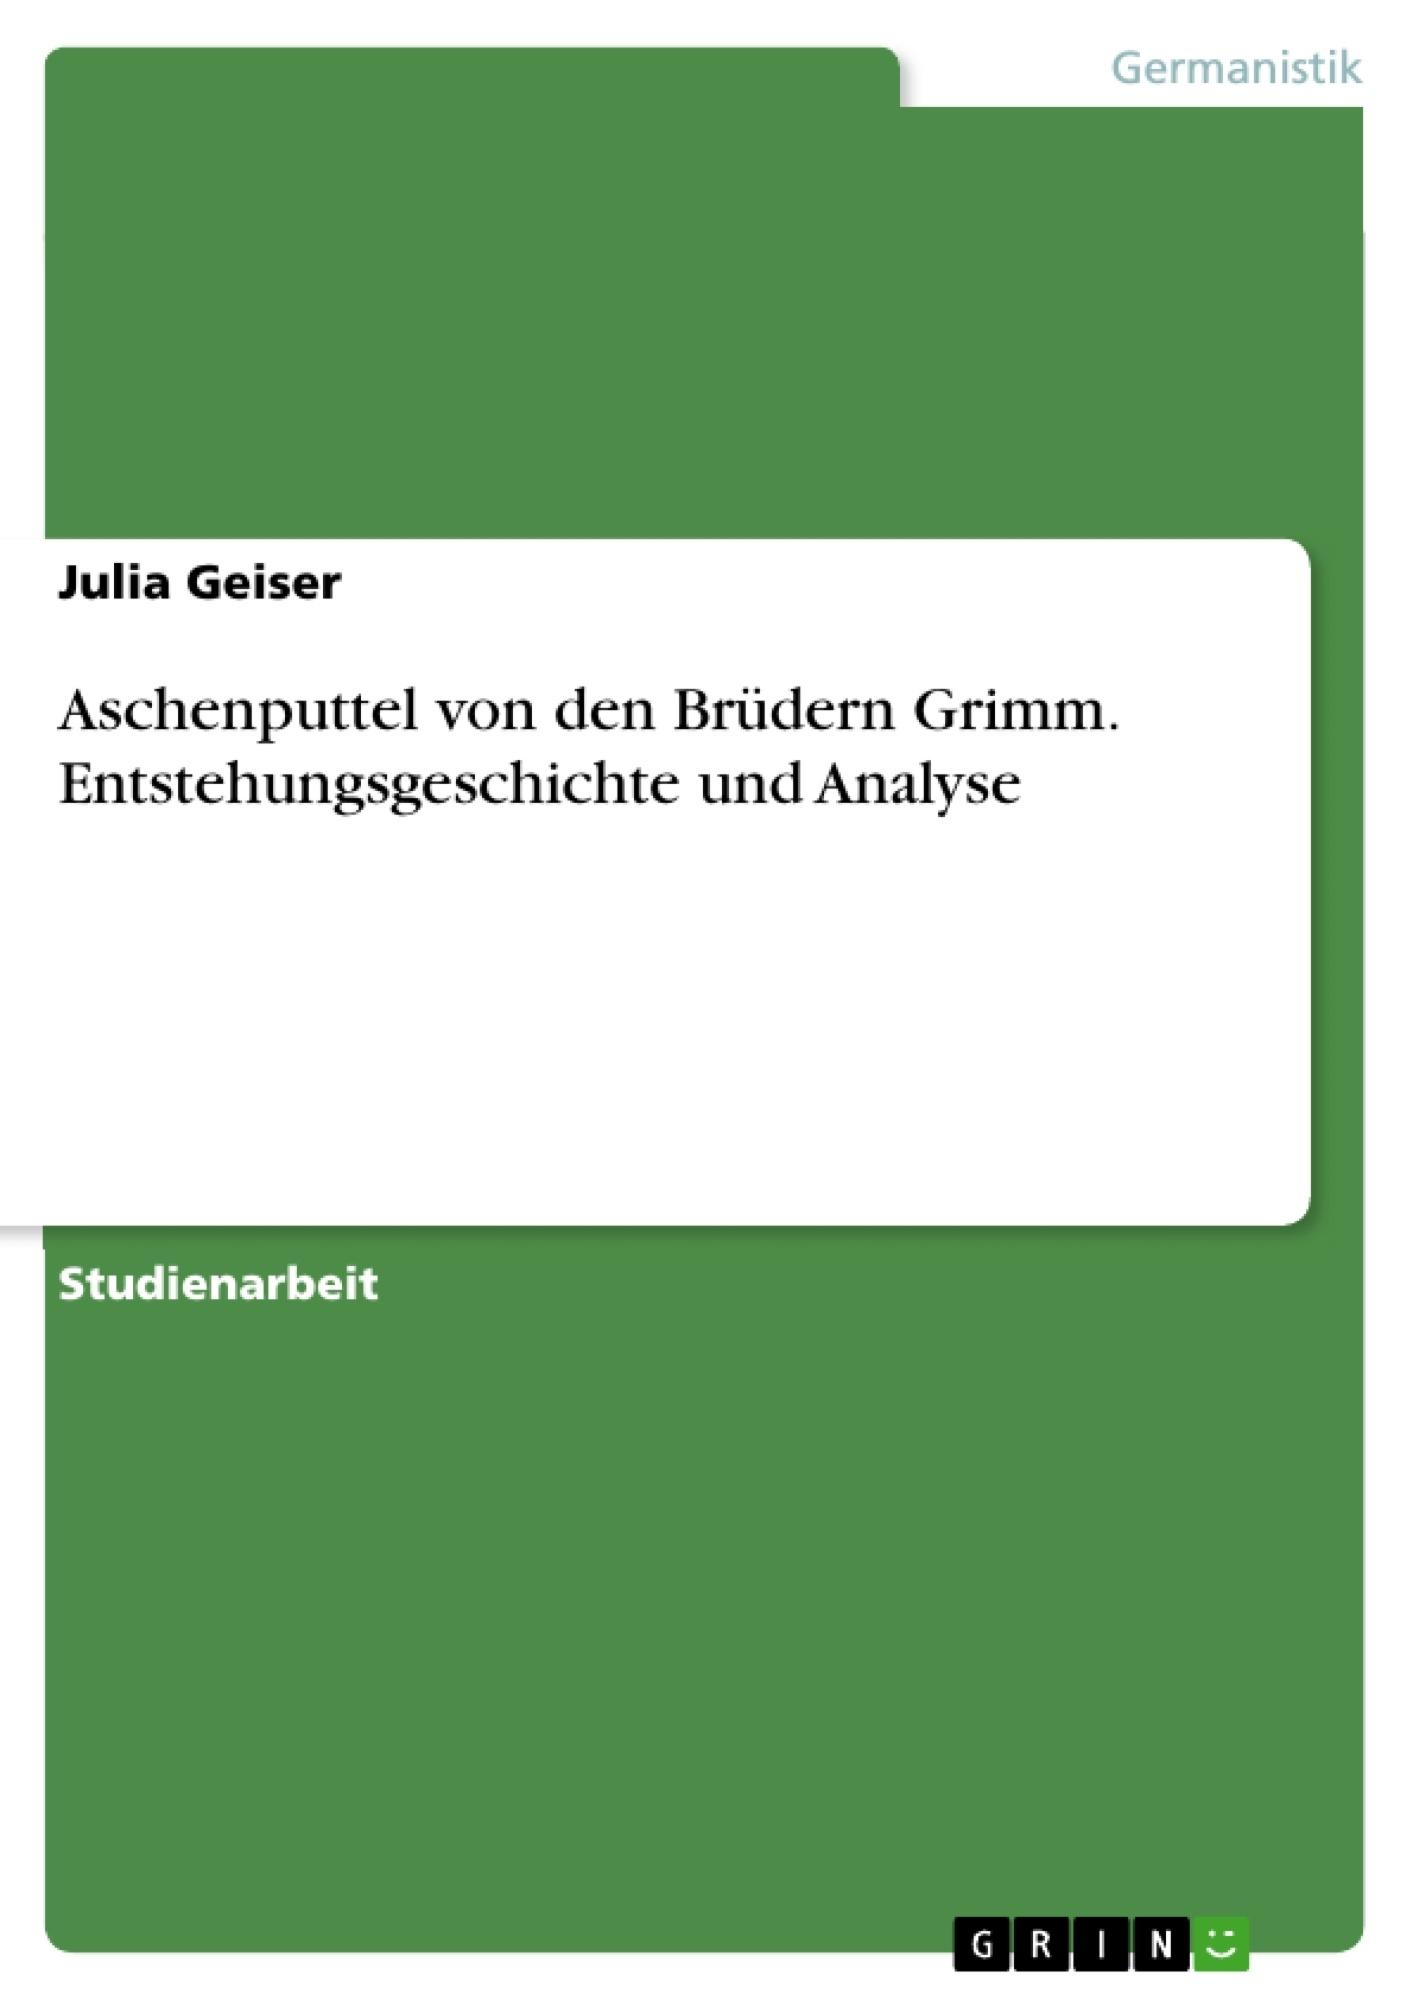 Titel: Aschenputtel von den Brüdern Grimm. Entstehungsgeschichte und Analyse